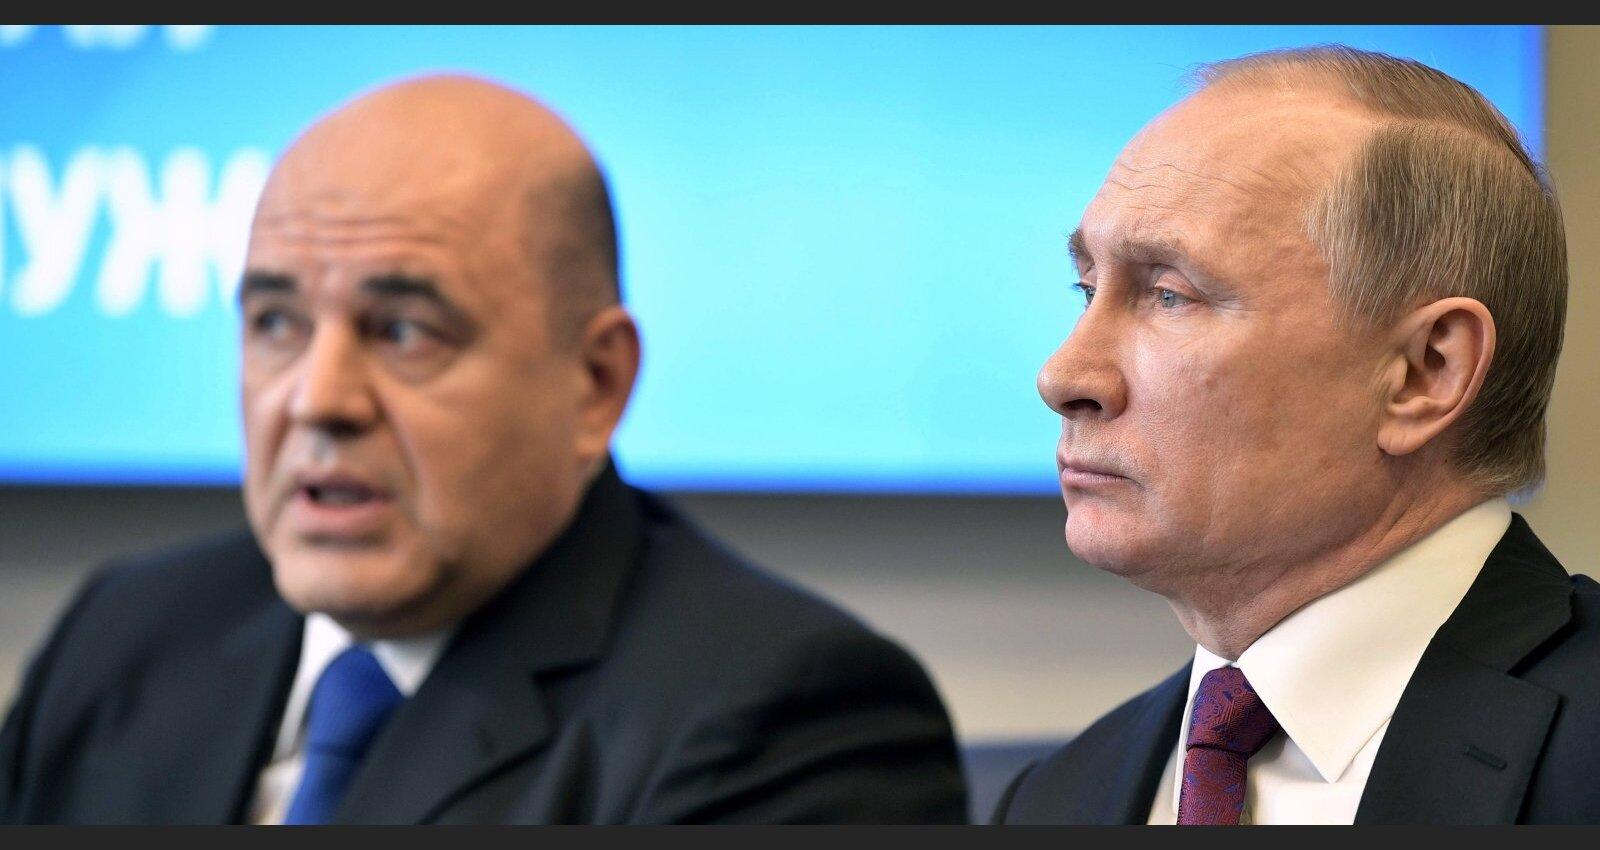 'Dzinējs ar milzīgu jaudas rezervi' vai 'zaglis un liekulis': kas ir Krievijas premjers Mišustins?